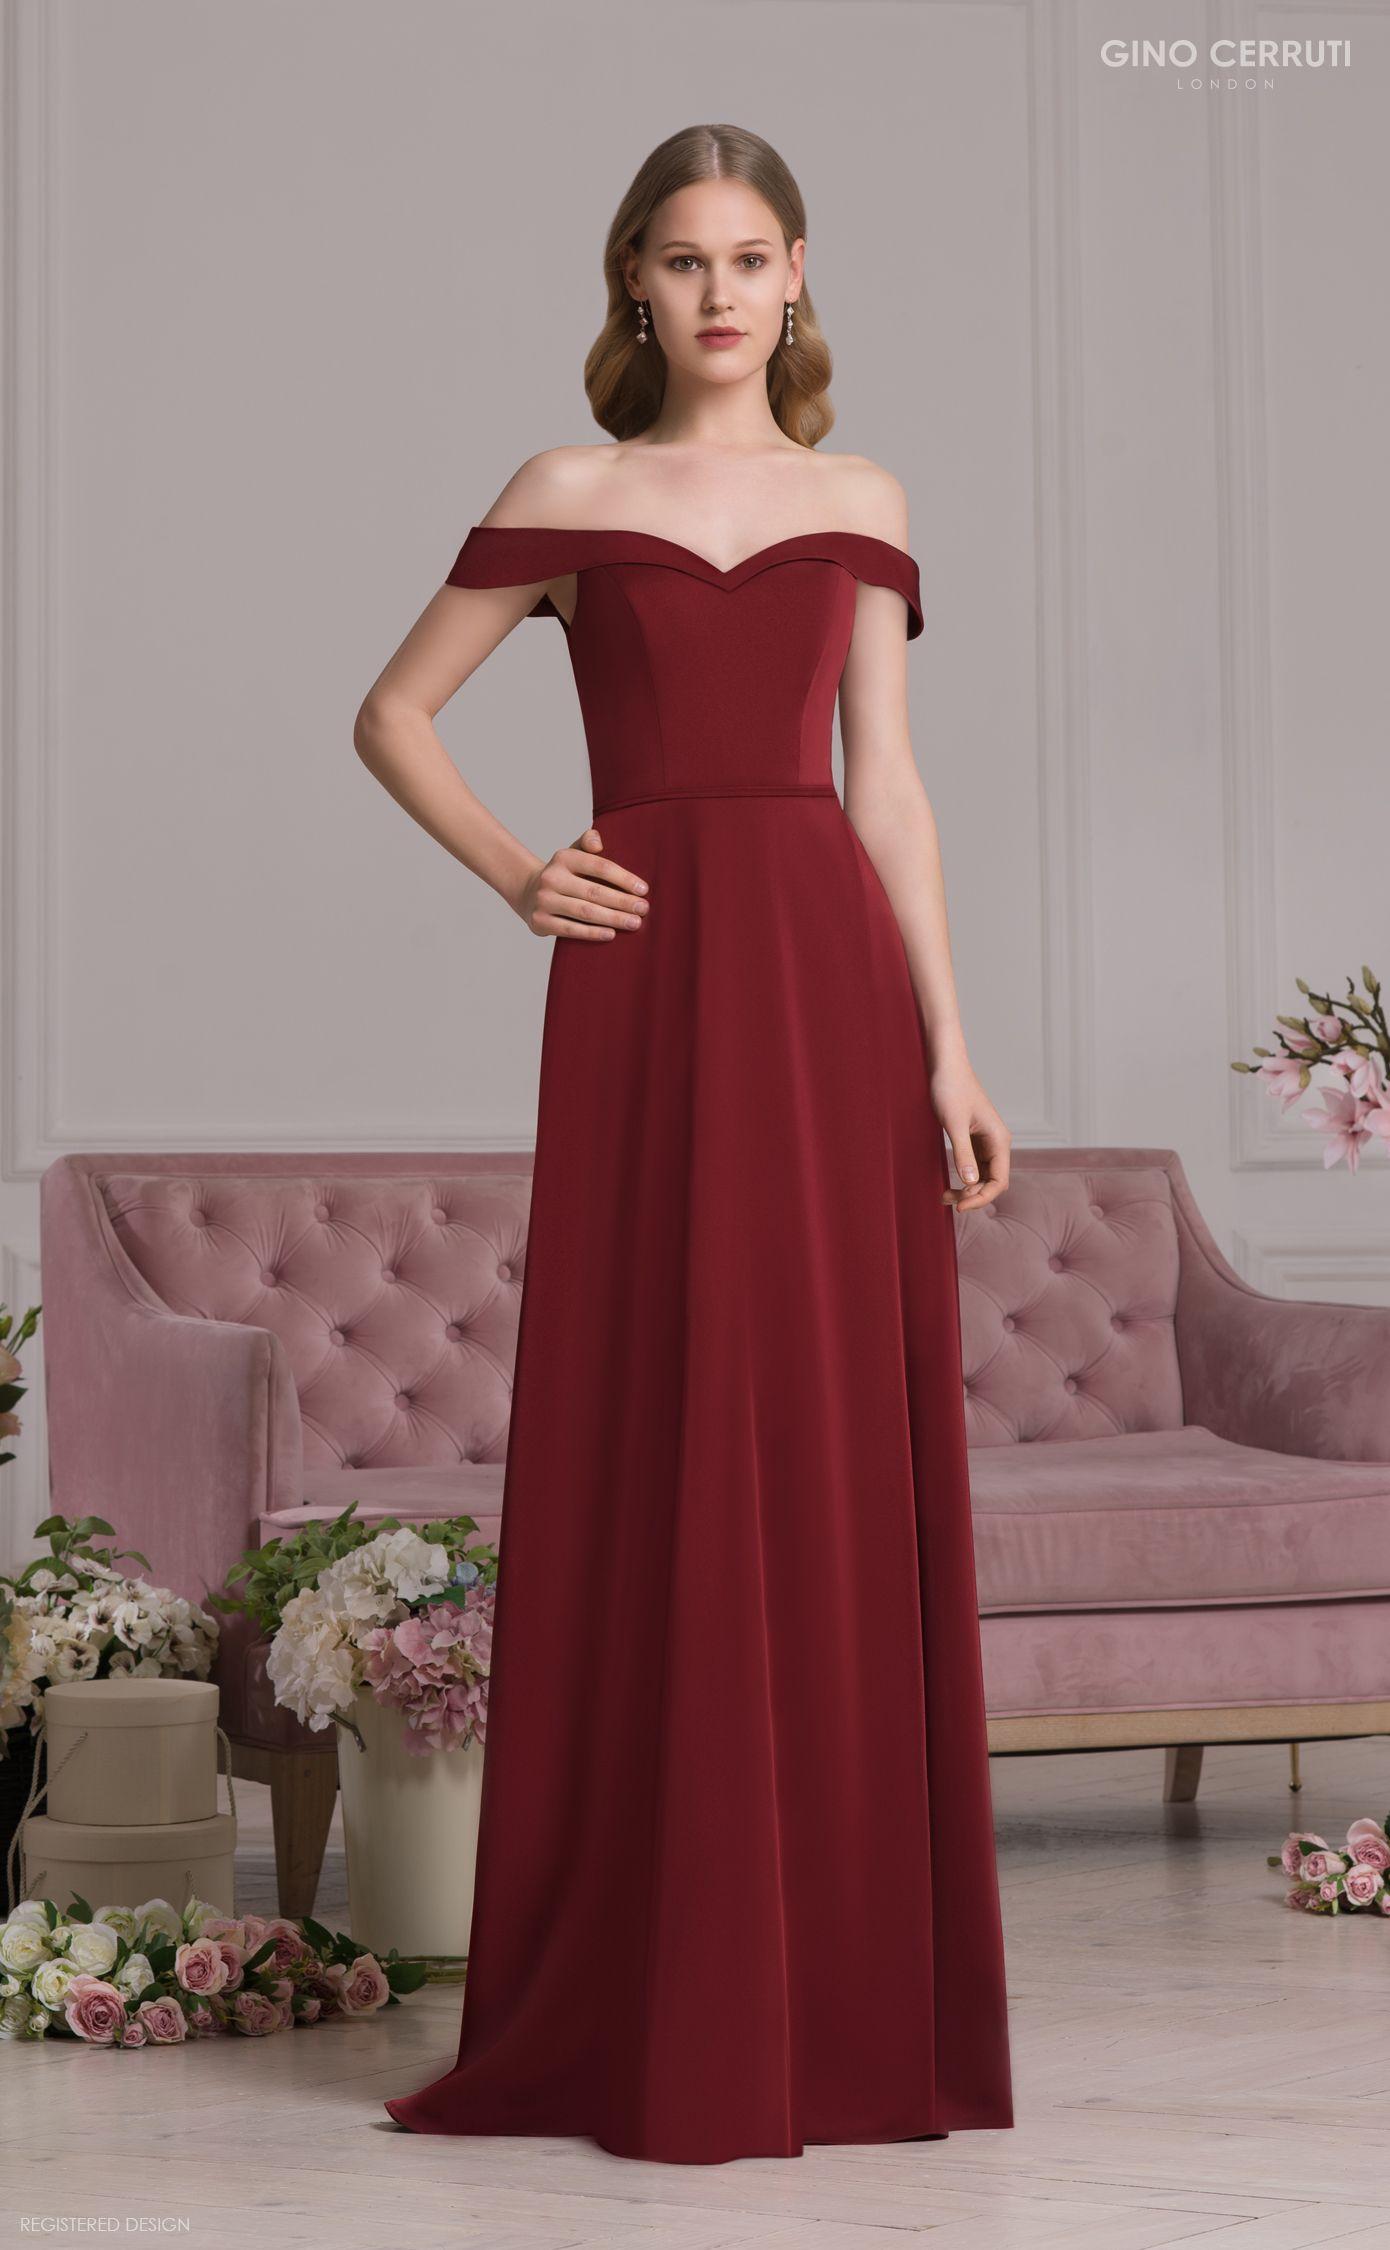 Abendkleid/Ballkleid in A-Linie in der Farbe bordeaux. Schlicht